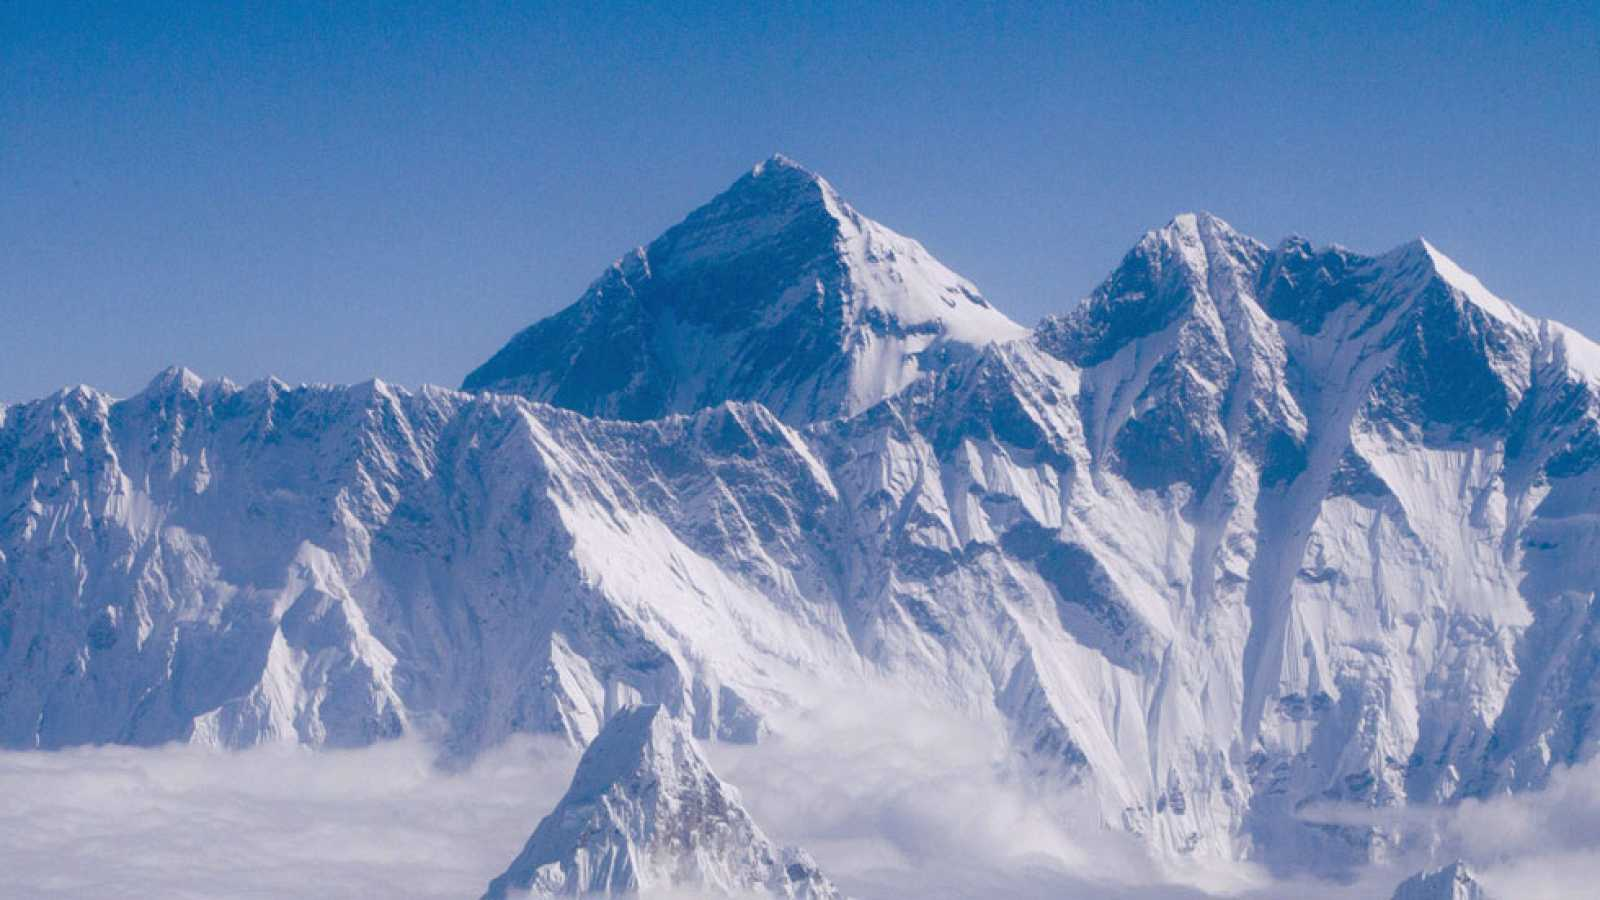 Al menos mil personas a los pies del Everest han sufrido las consecuencias del terremoto